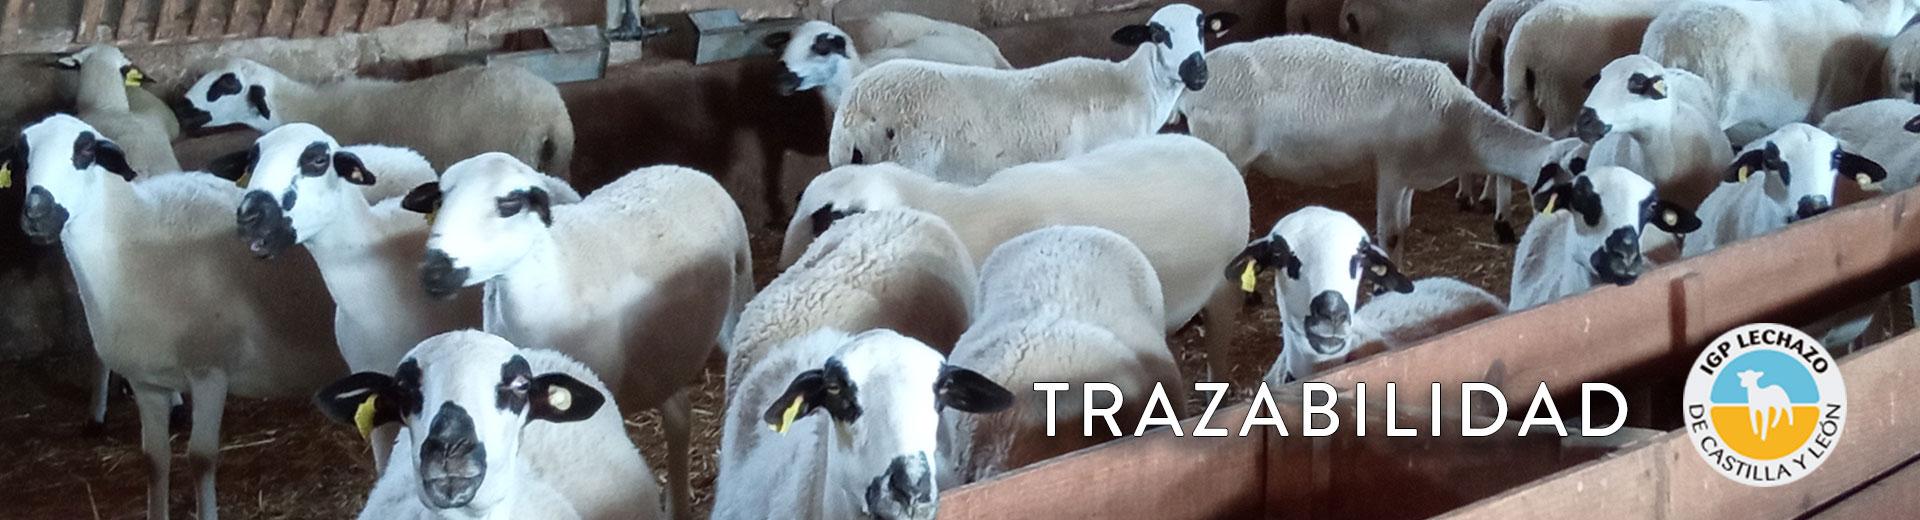 Proceso de Trazabilidad IGP Lechazo de Castilla y León